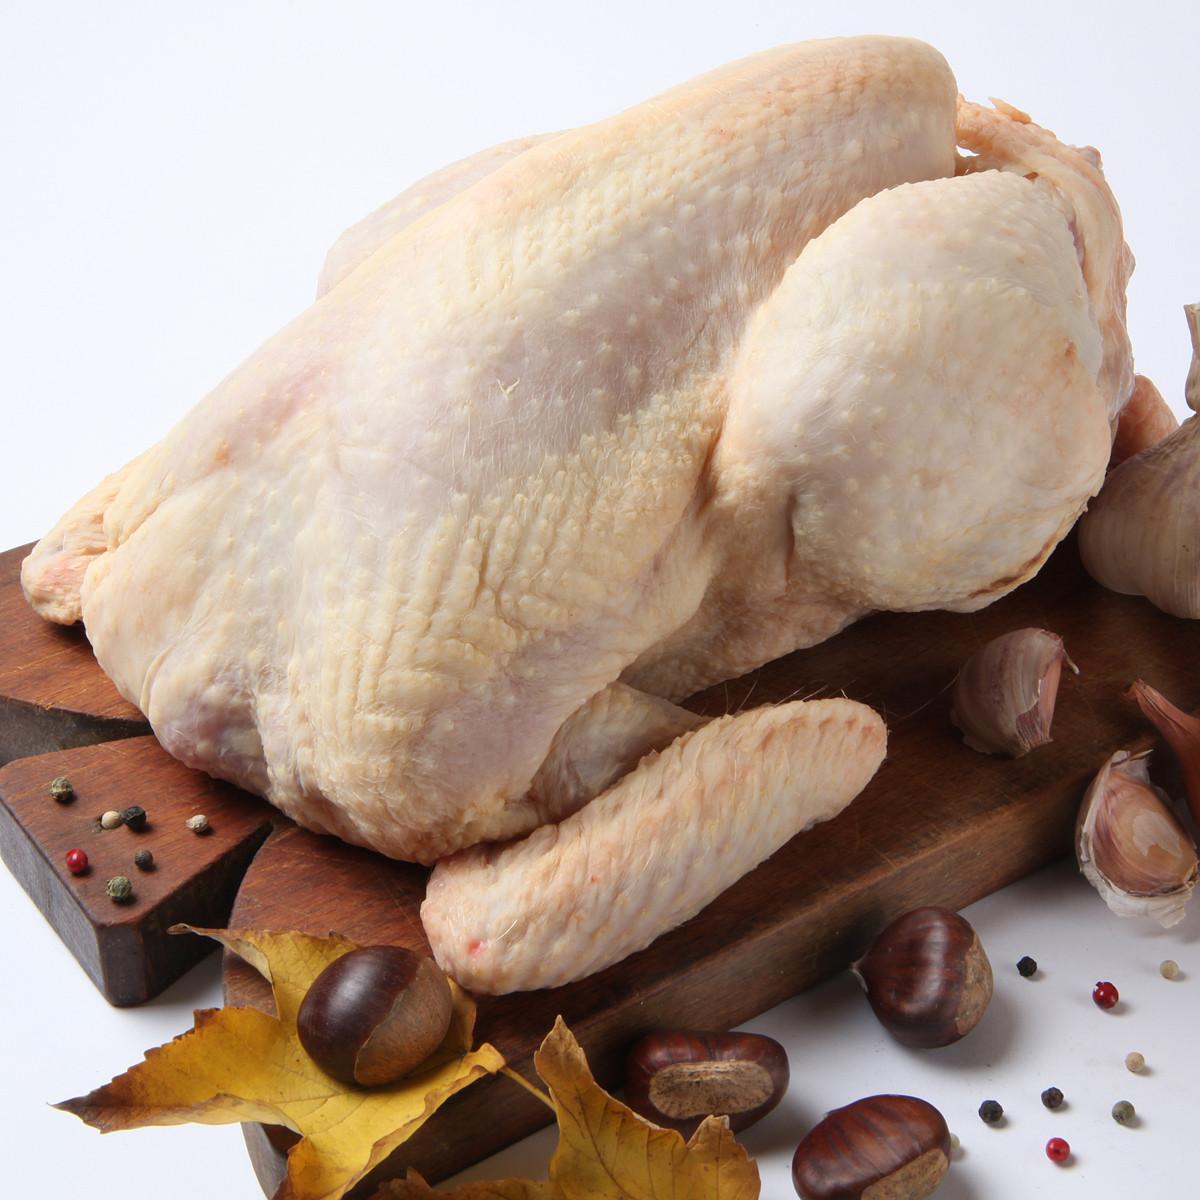 Menghilangkan Bau Amis Daging Bebek